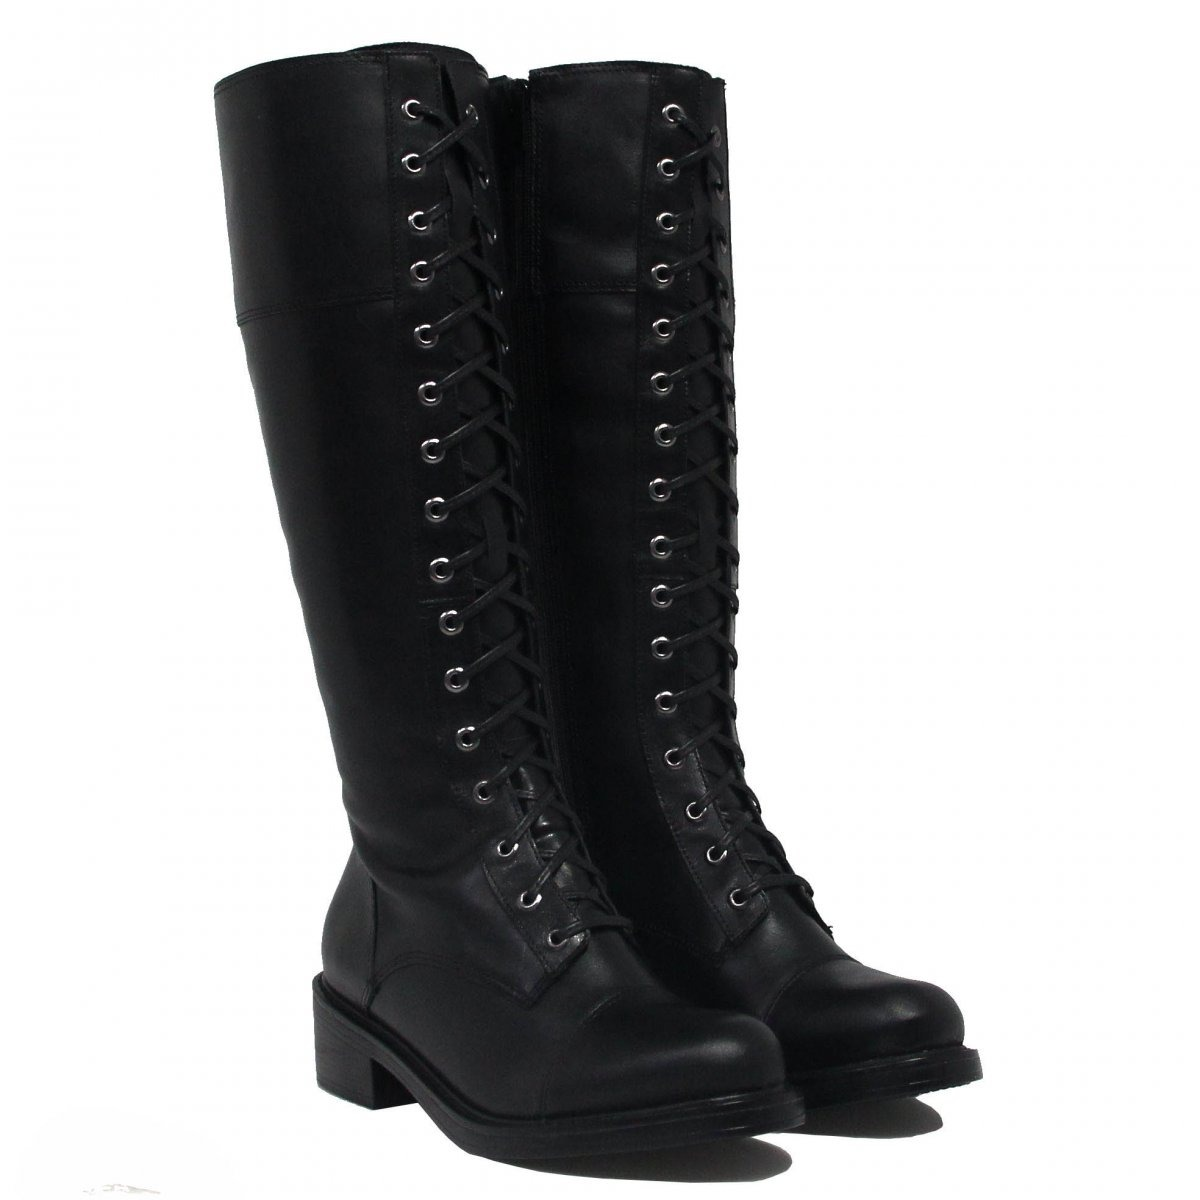 15864c749e9 Bota Montaria Zariff Shoes Coturno Ziper Couro